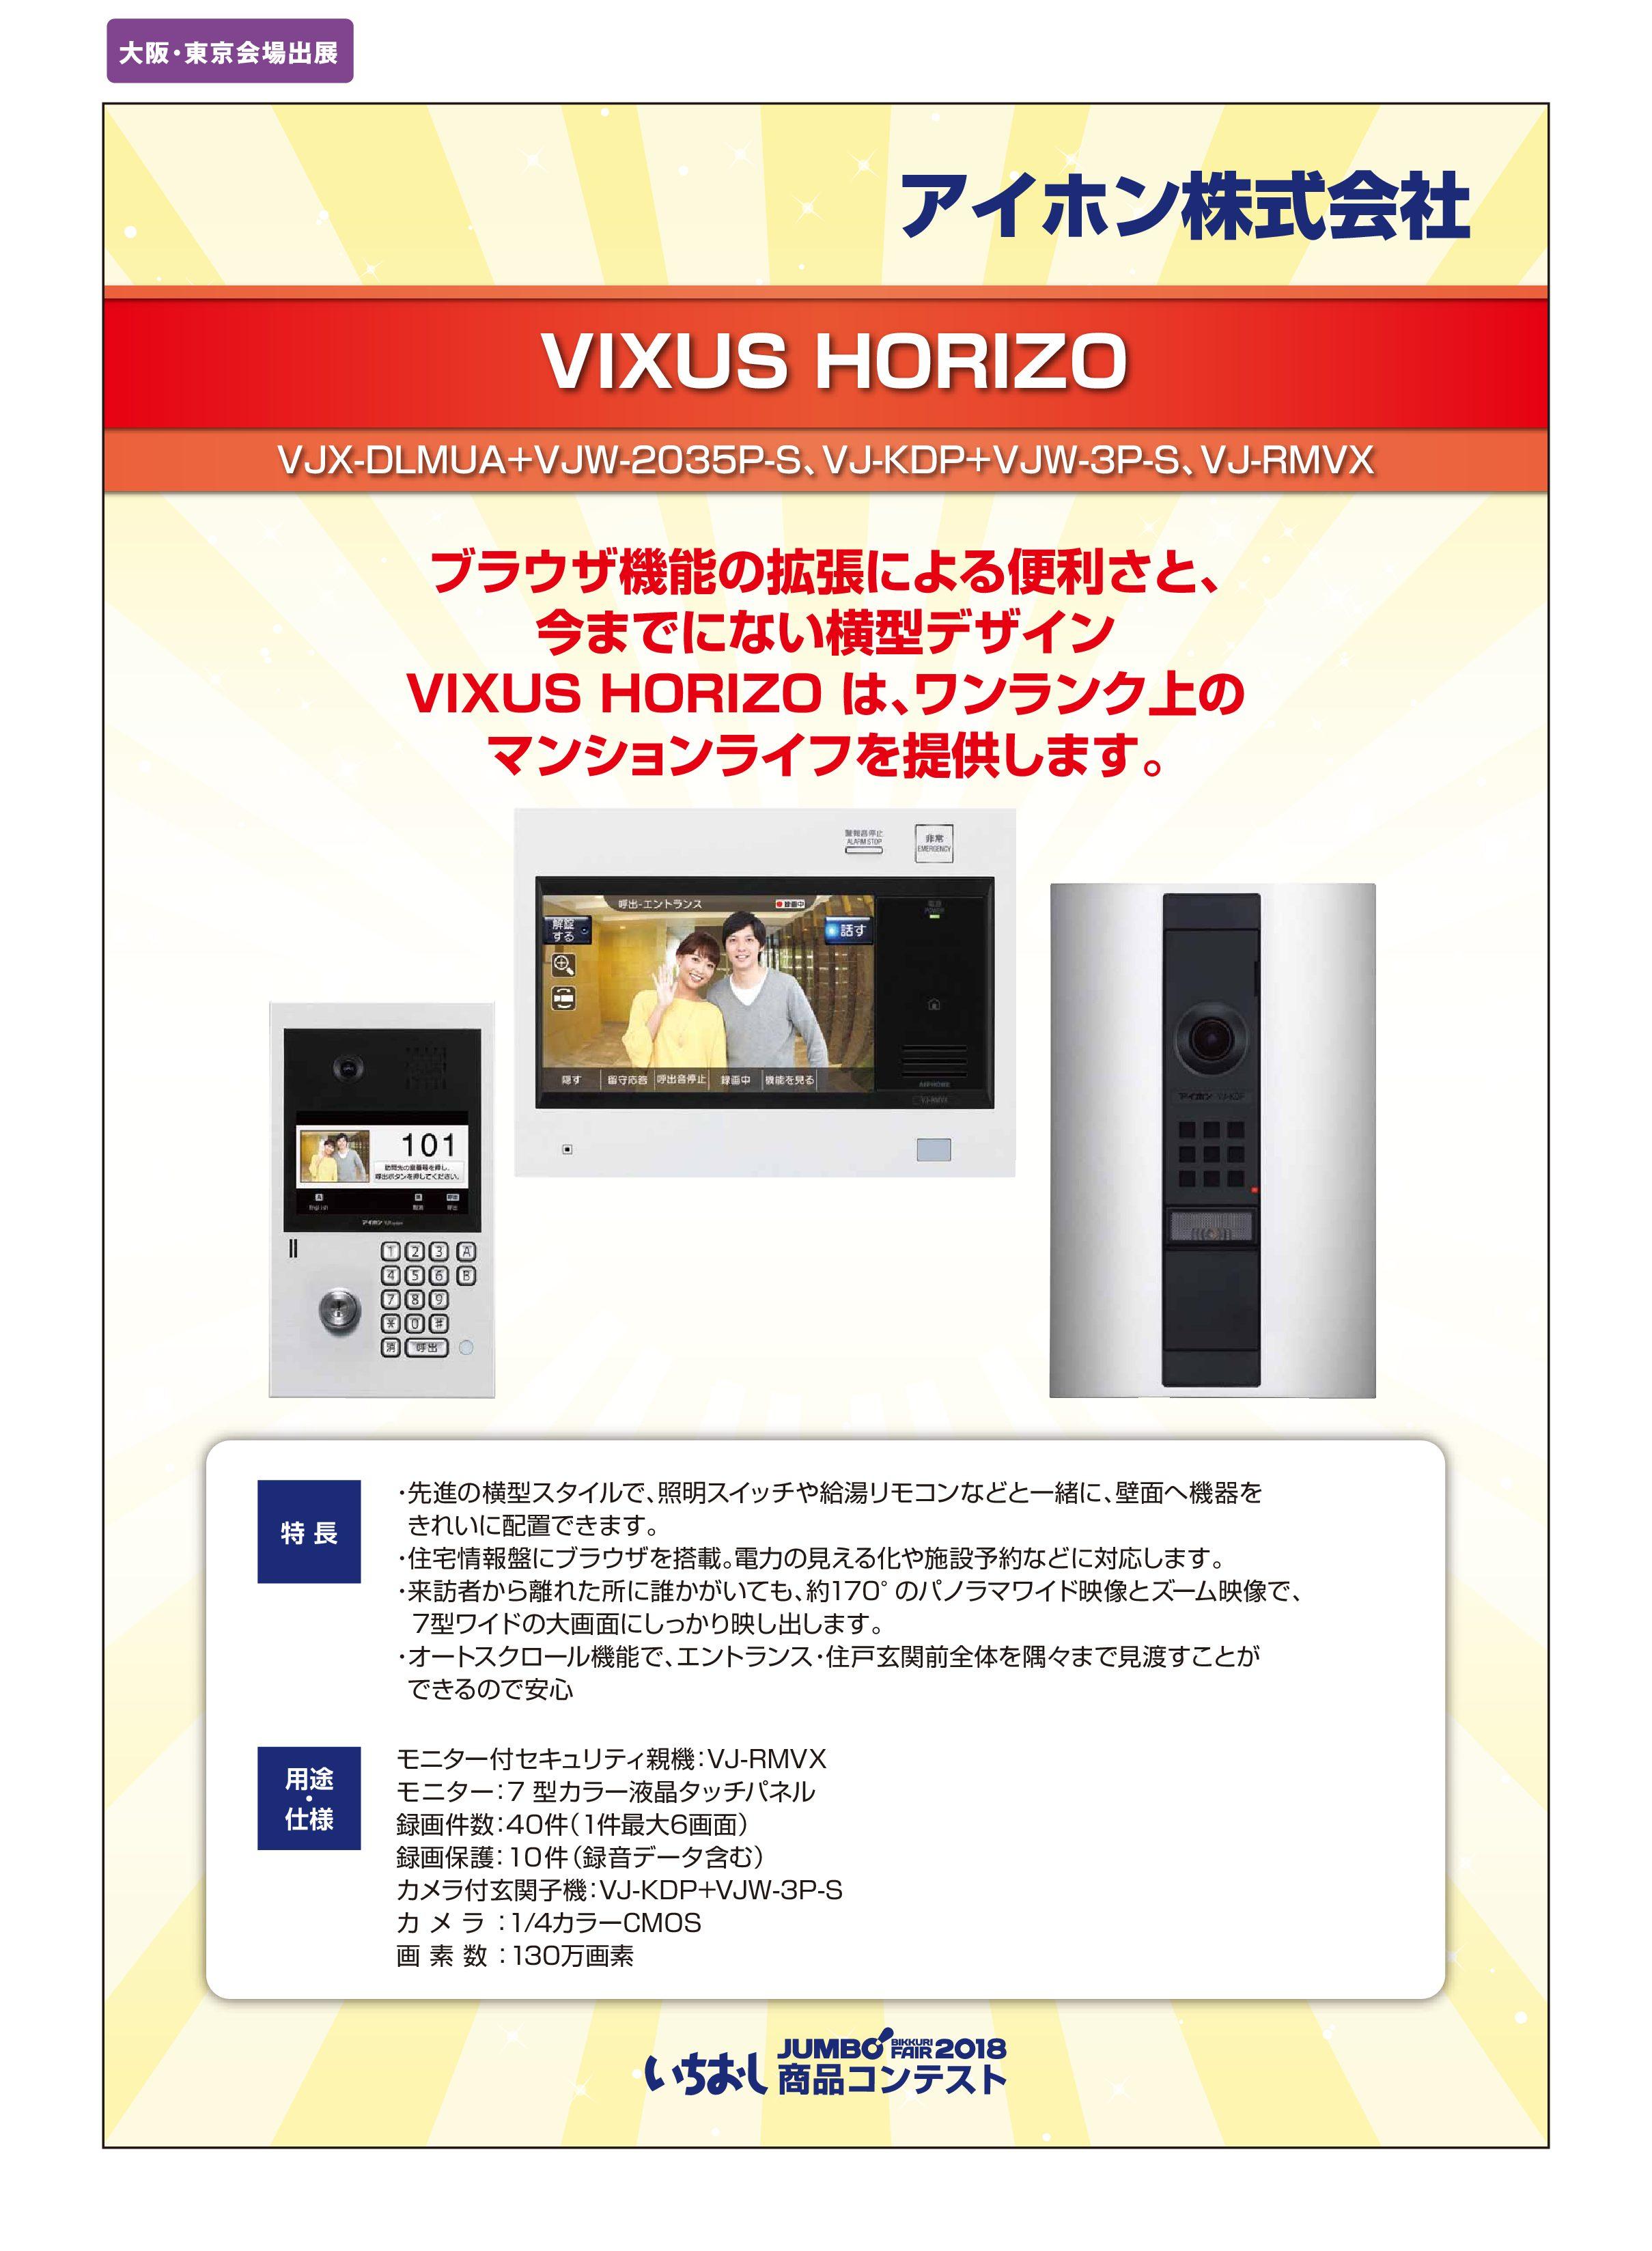 「VIXUS HORIZO」アイホン株式会社の画像